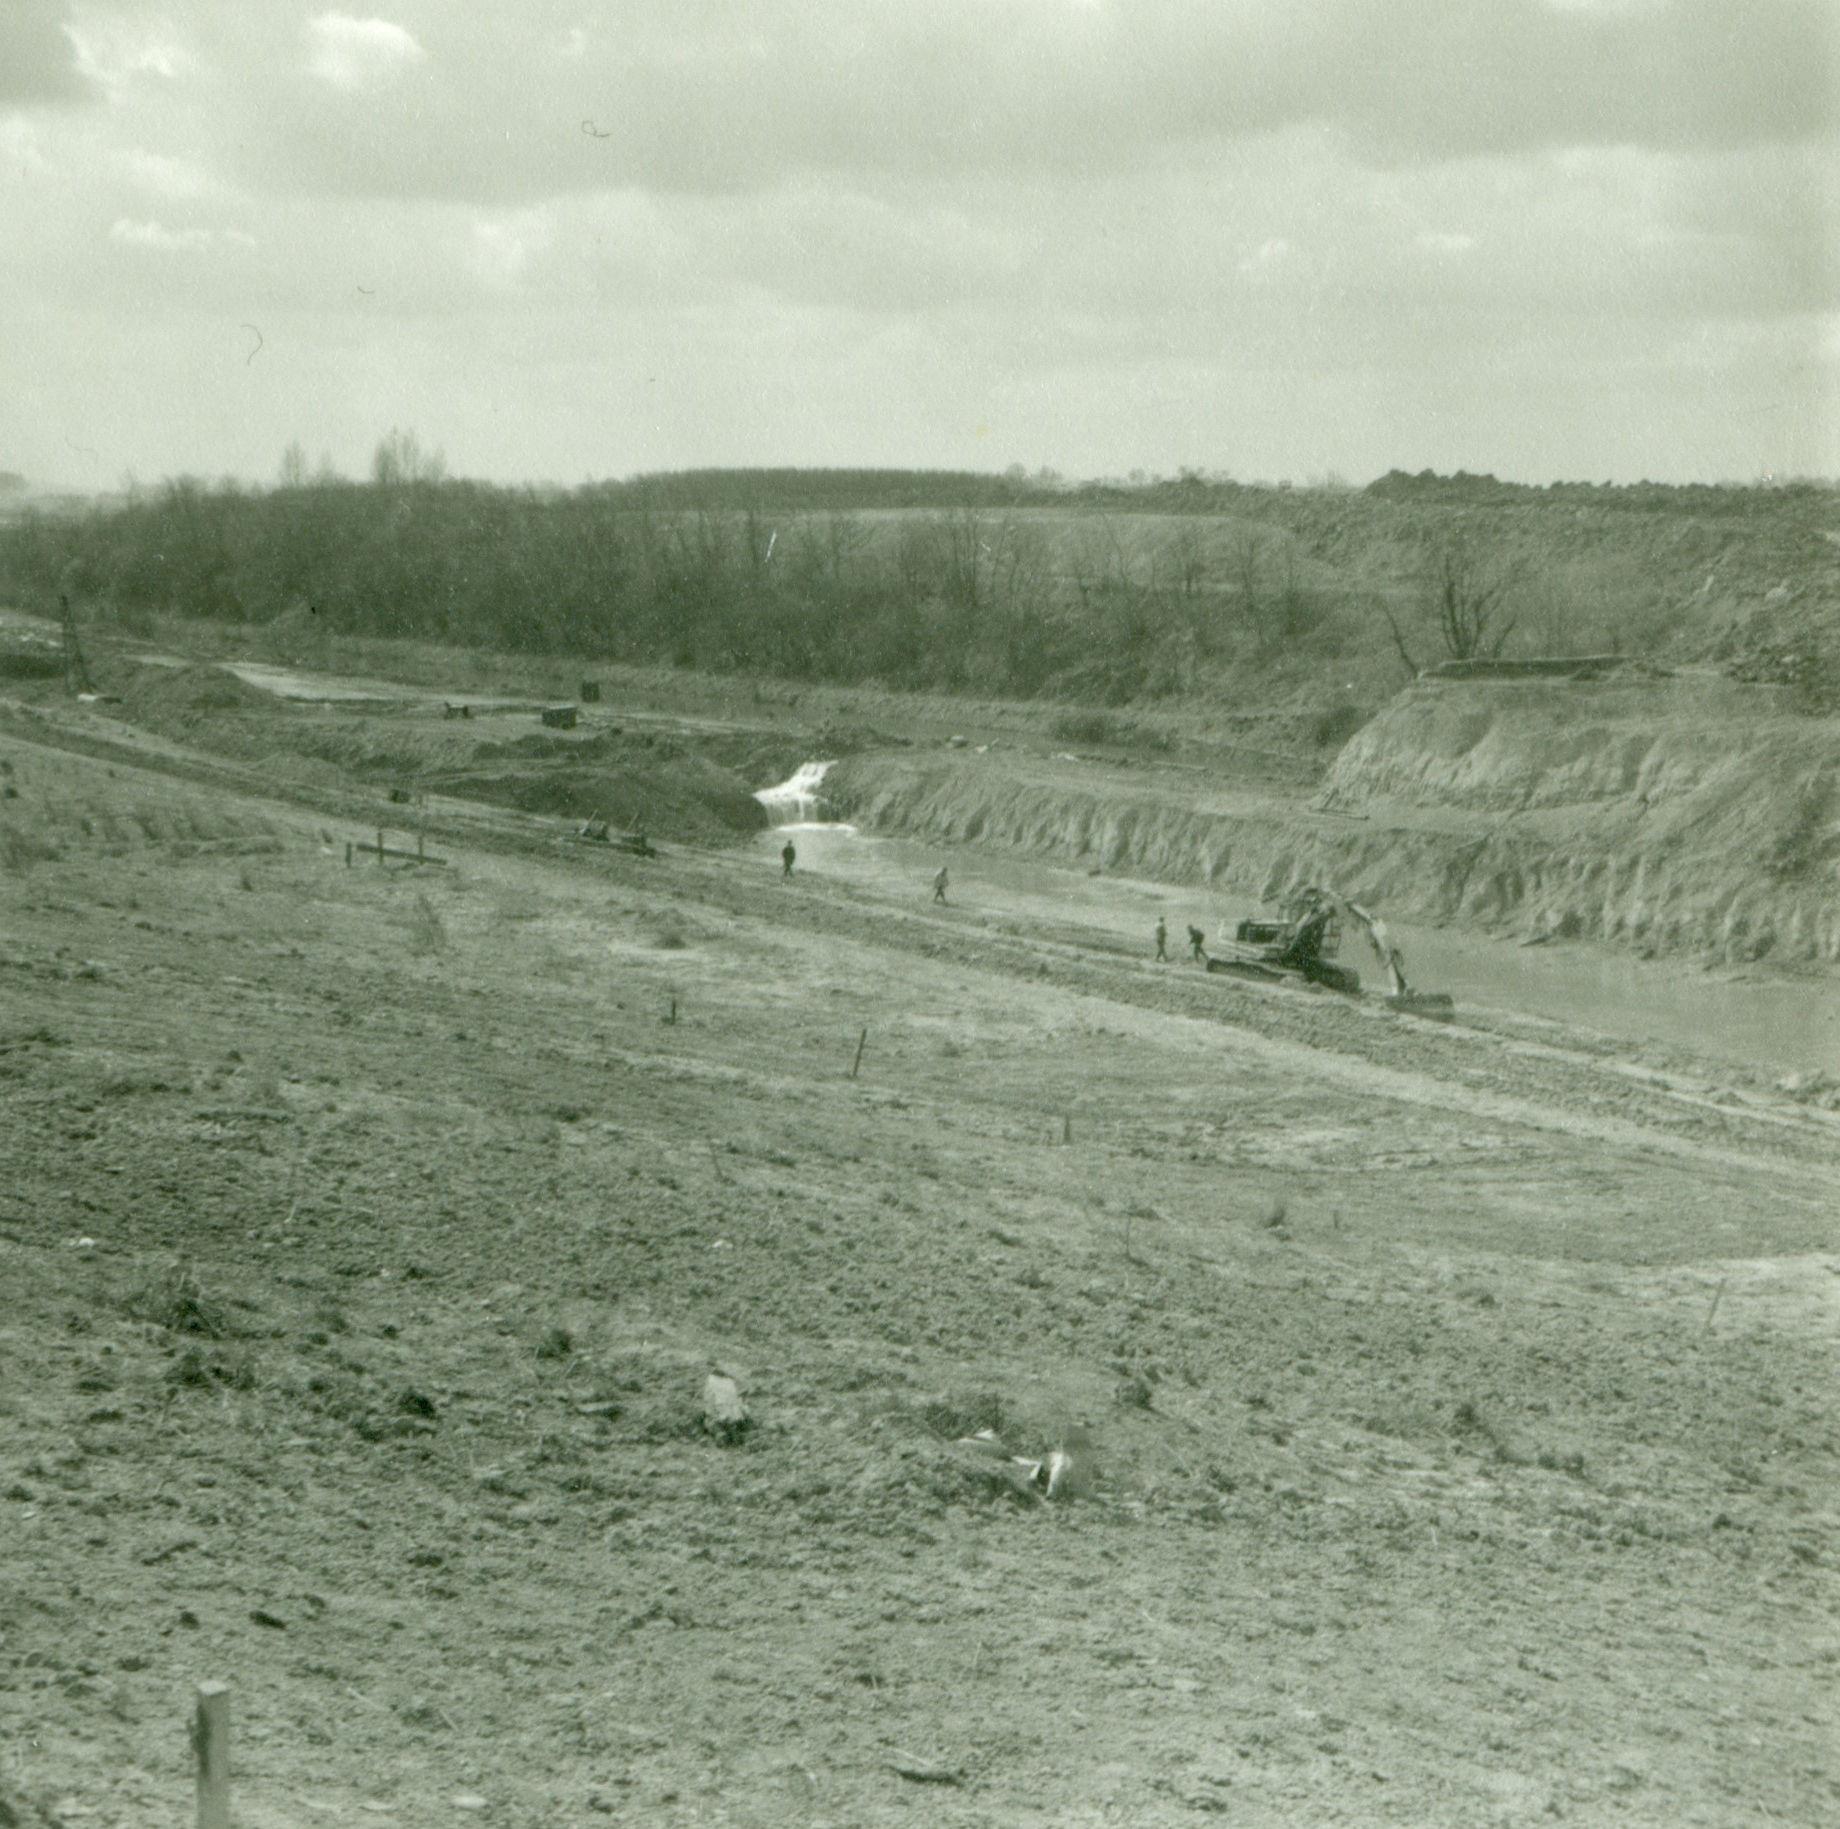 Graafwerken aan de tunnel op het kanaal Bossuit-Kortrijk in Moen 1970-1973